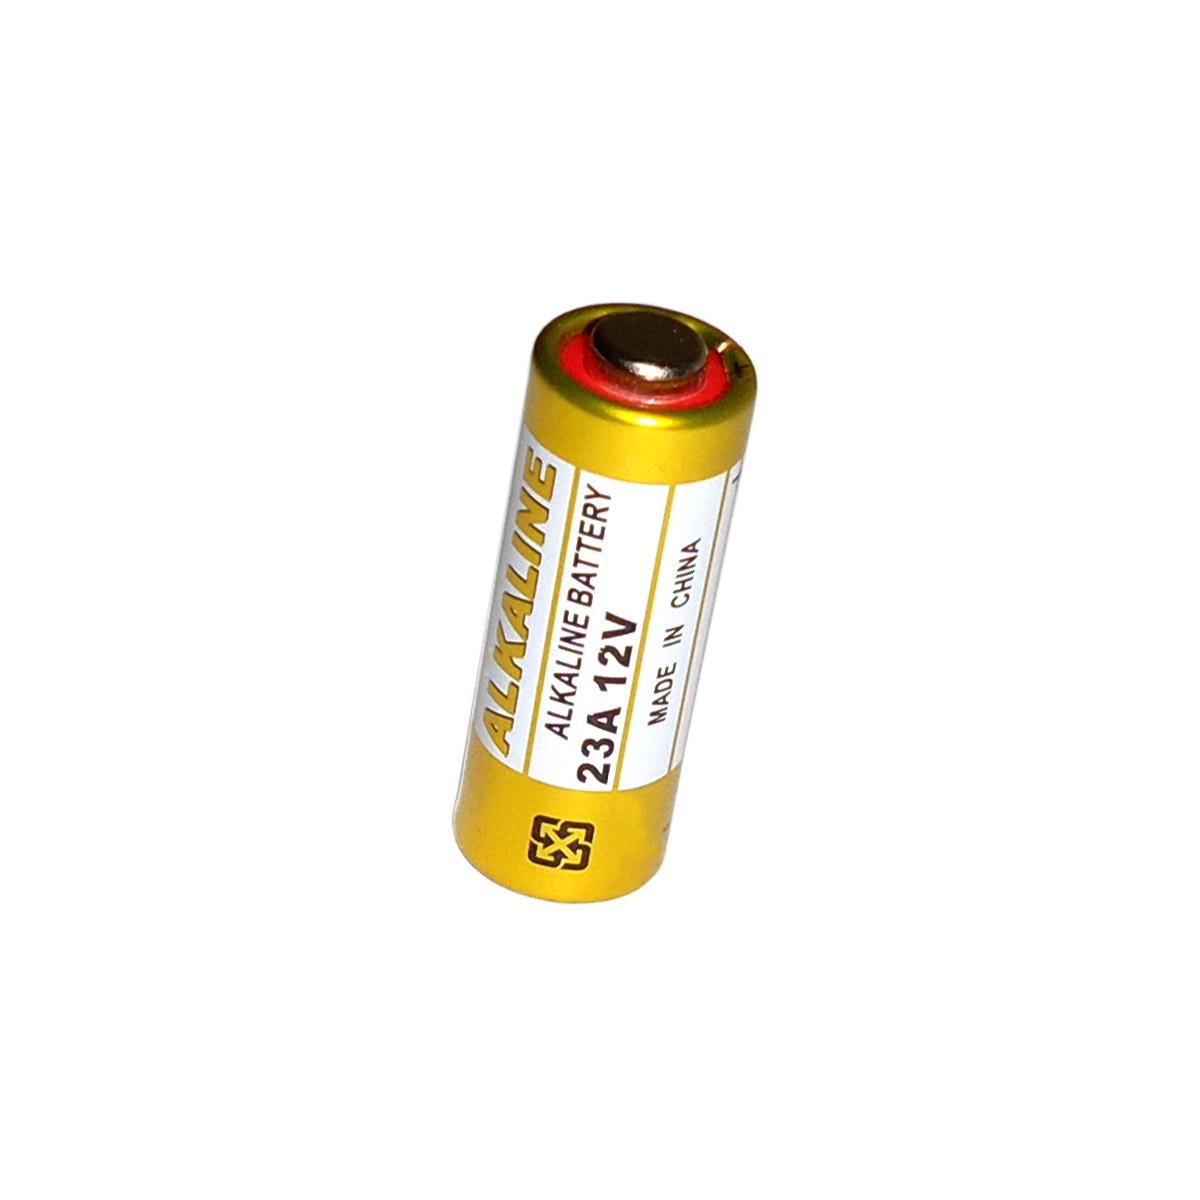 Kit 50 Pilhas Bateria 23a 12v Controle Alarme Portão Bulk